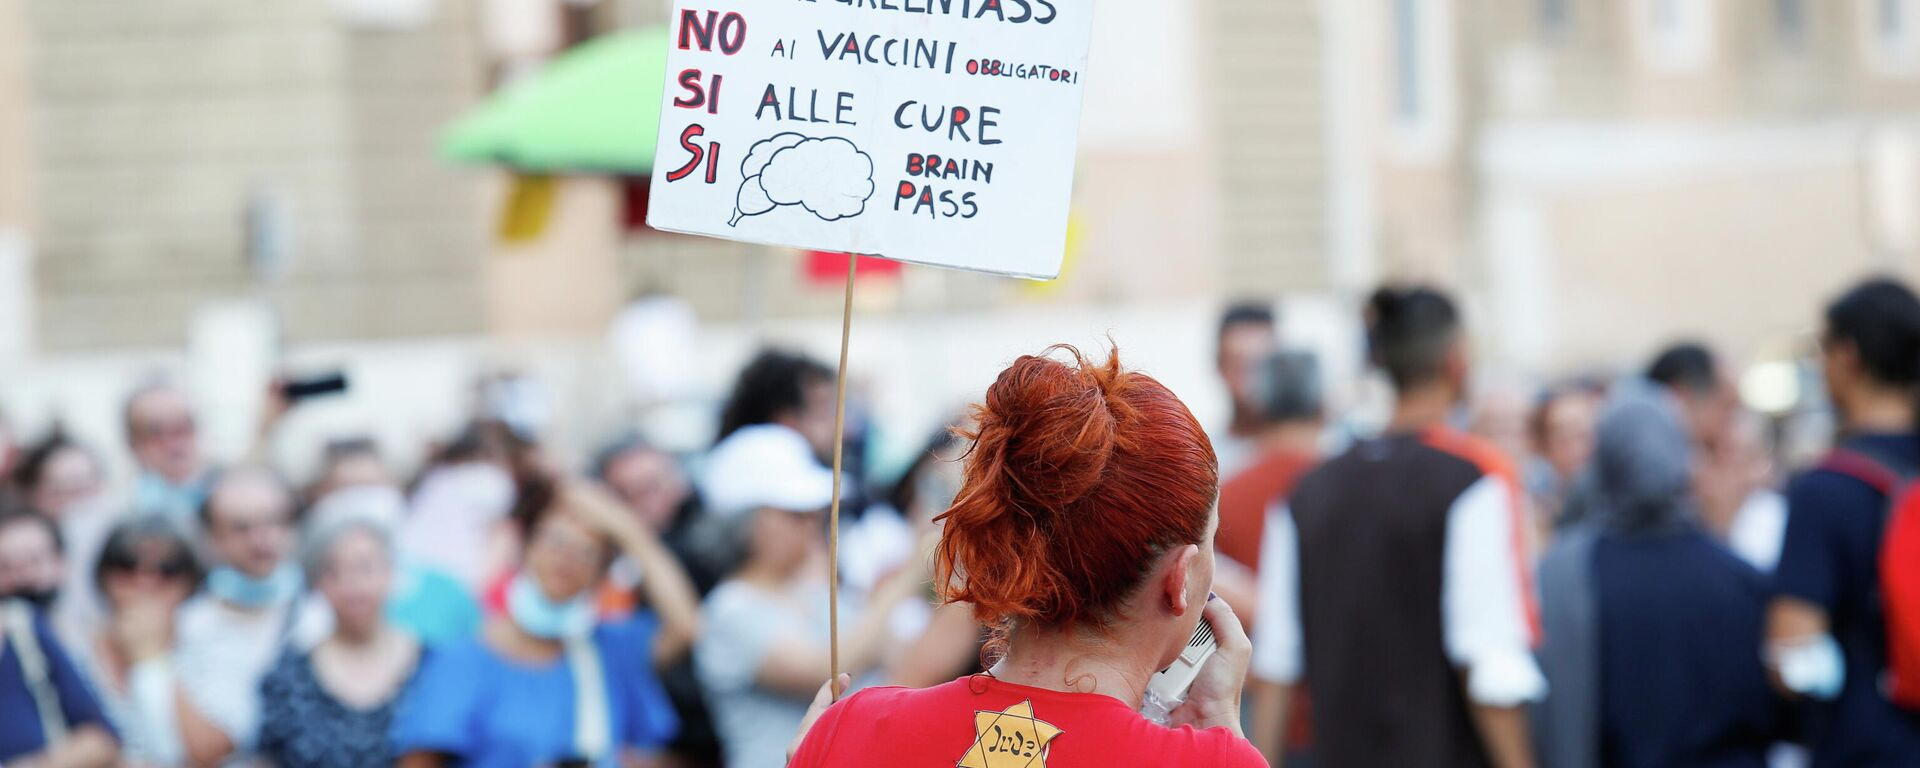 Protest gegen Corona-Maßnahmen in Italien - SNA, 1920, 09.09.2021